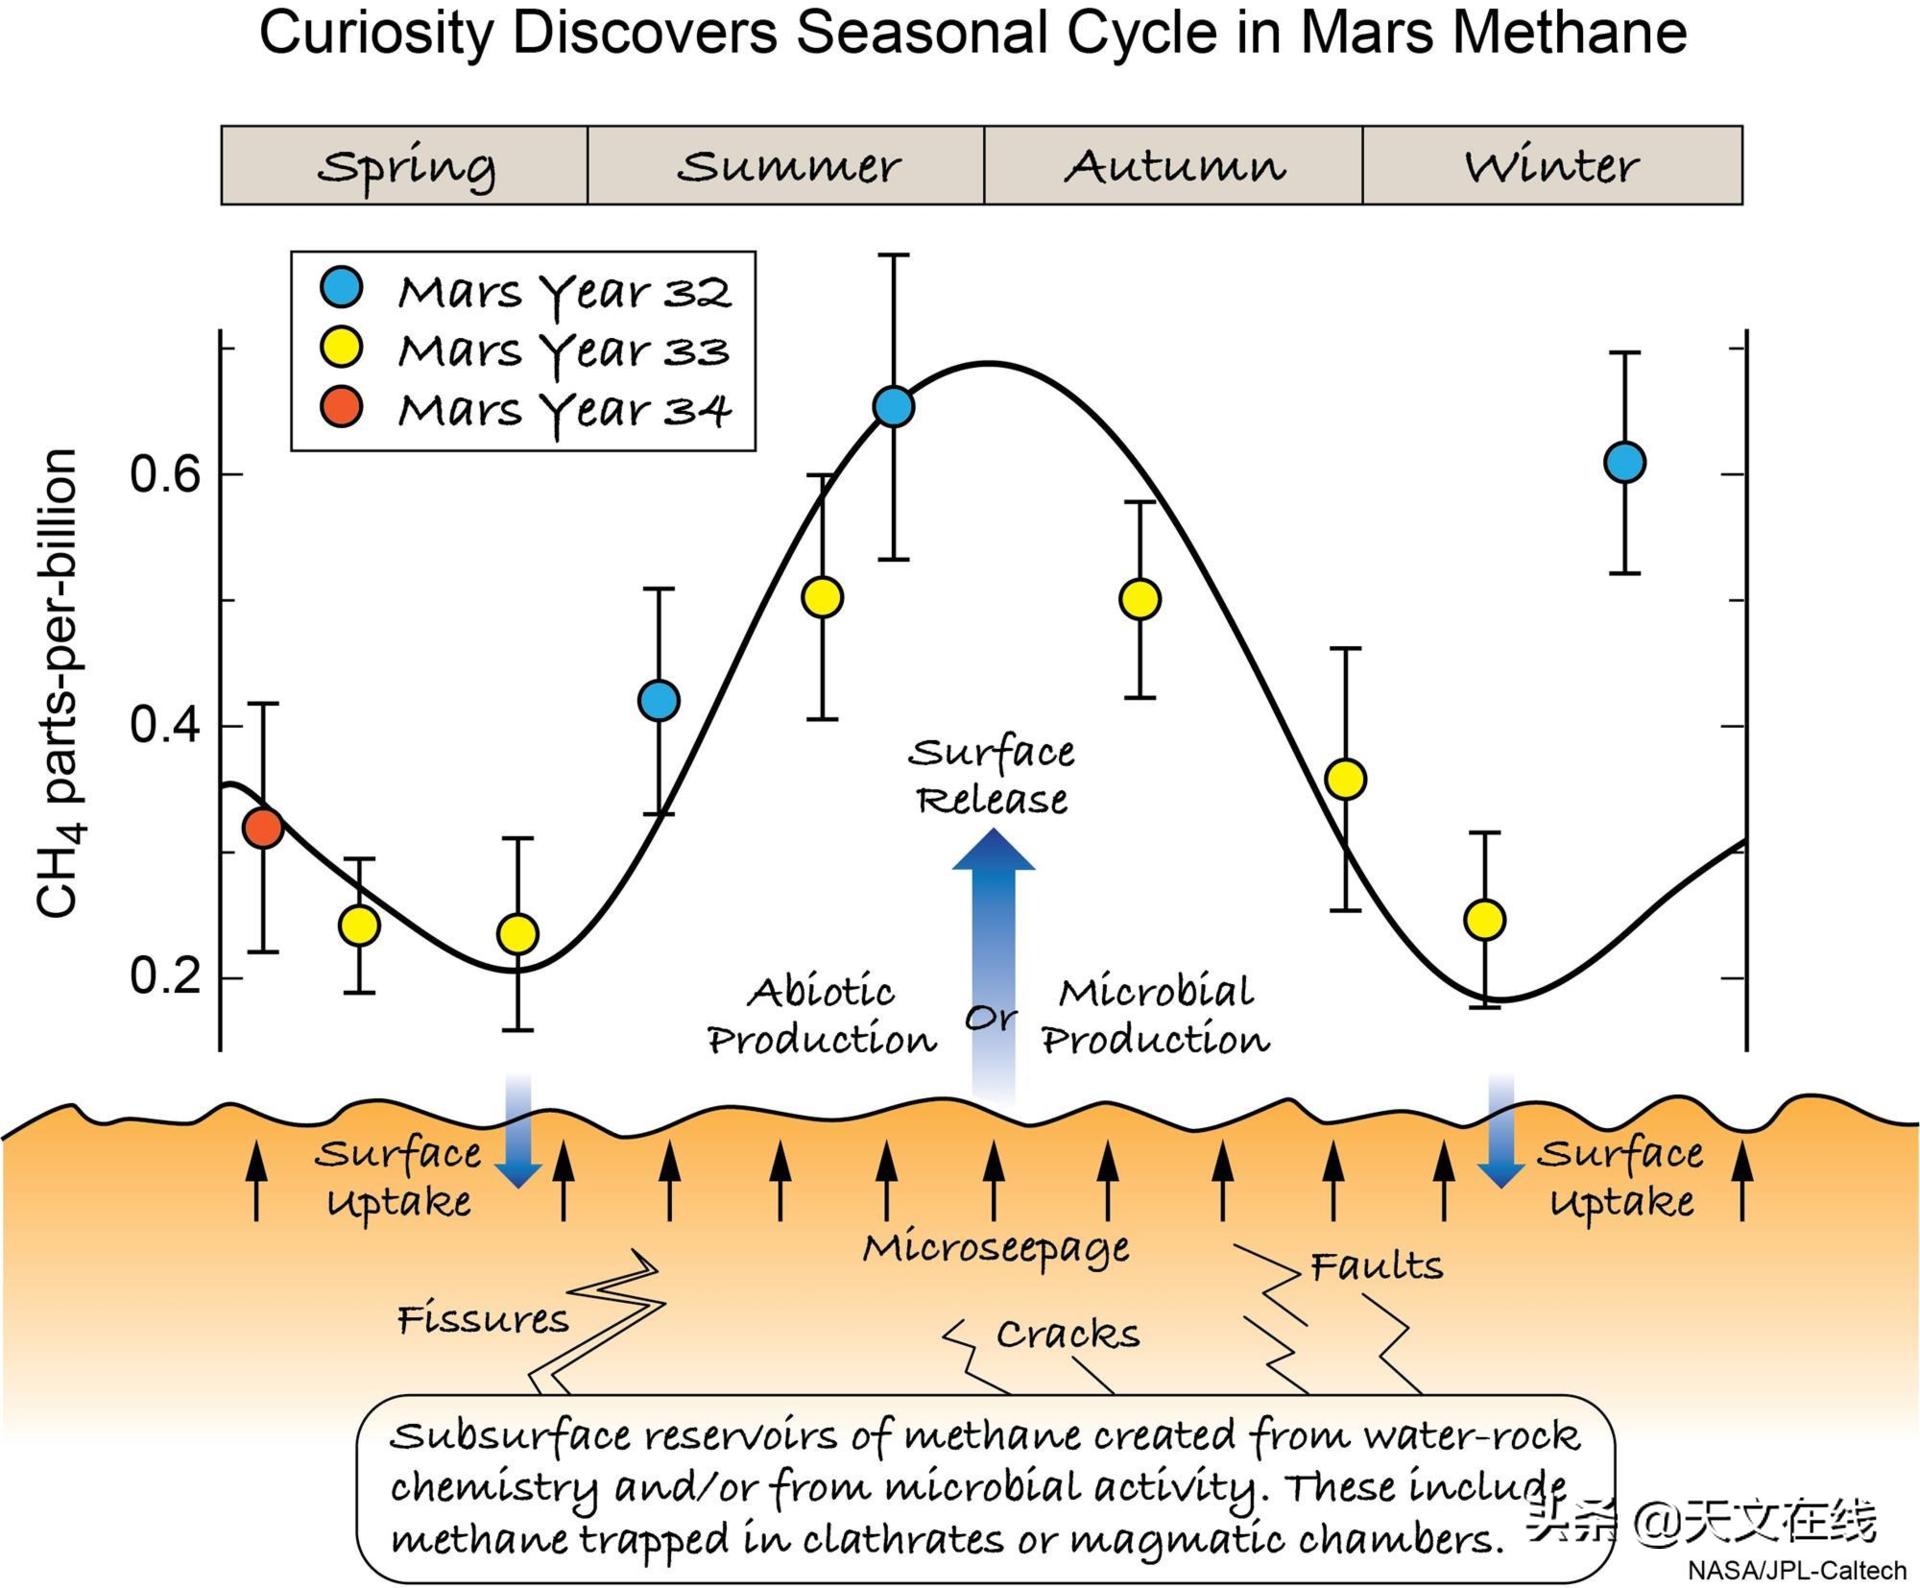 研究显示,火星上发现的有机分子可能来源于生物?